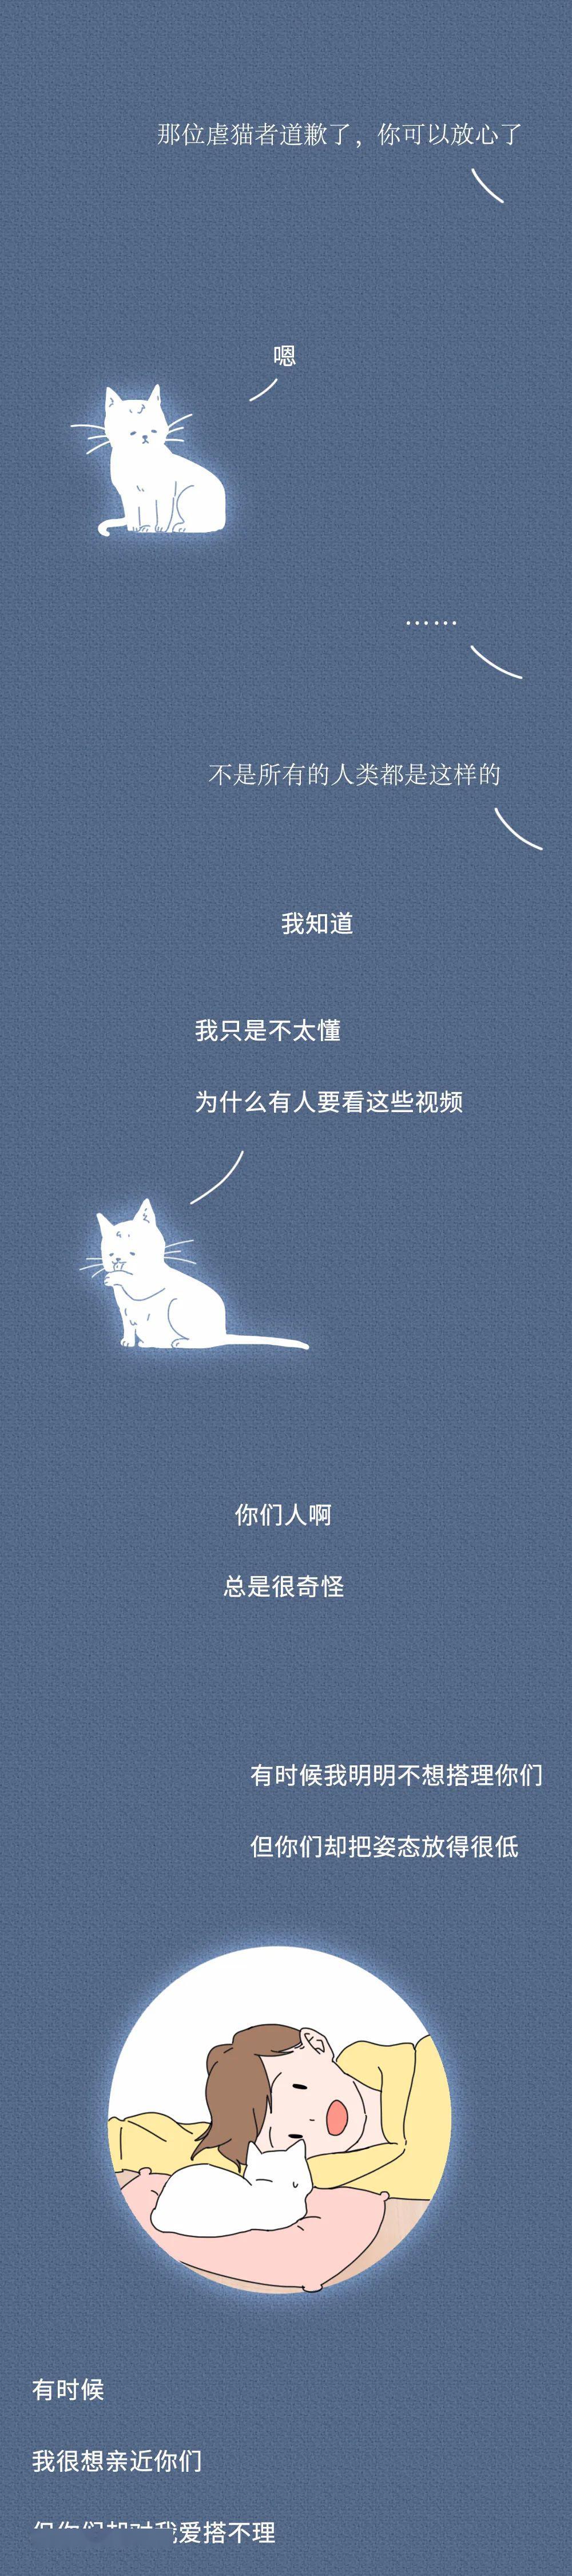 """""""虐待我们会有快感吗?""""一只猫的自述刷爆朋友圈,看完泪崩…"""